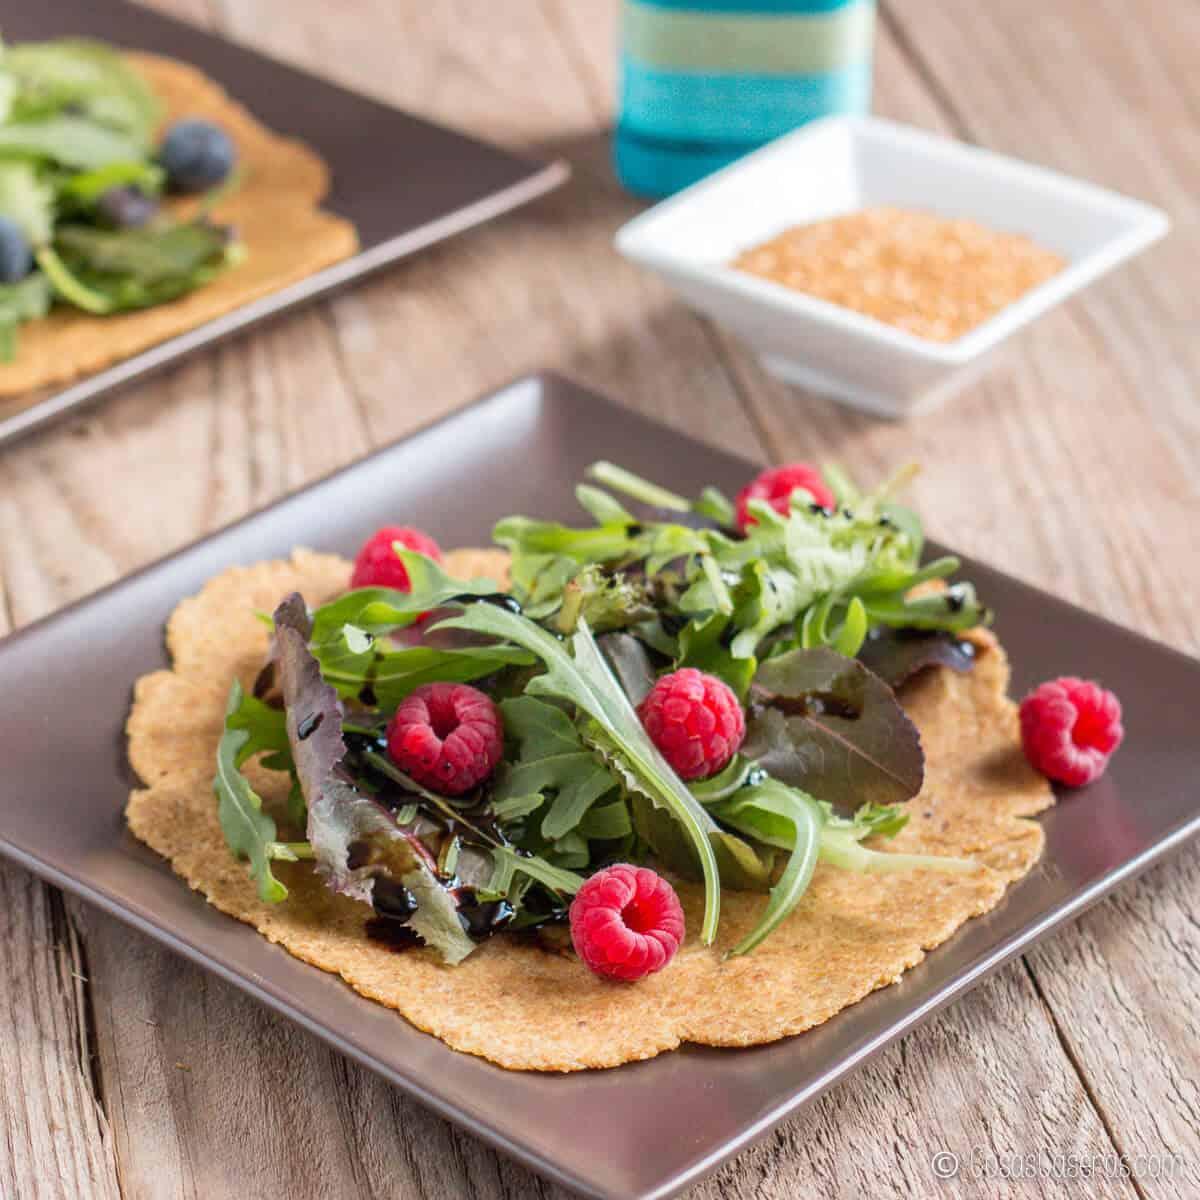 2 tortillas de linaza llenas de lechuga y bayas del bosque (frambuesas y arandanos) al lado de un recipiente con semillas de linaza